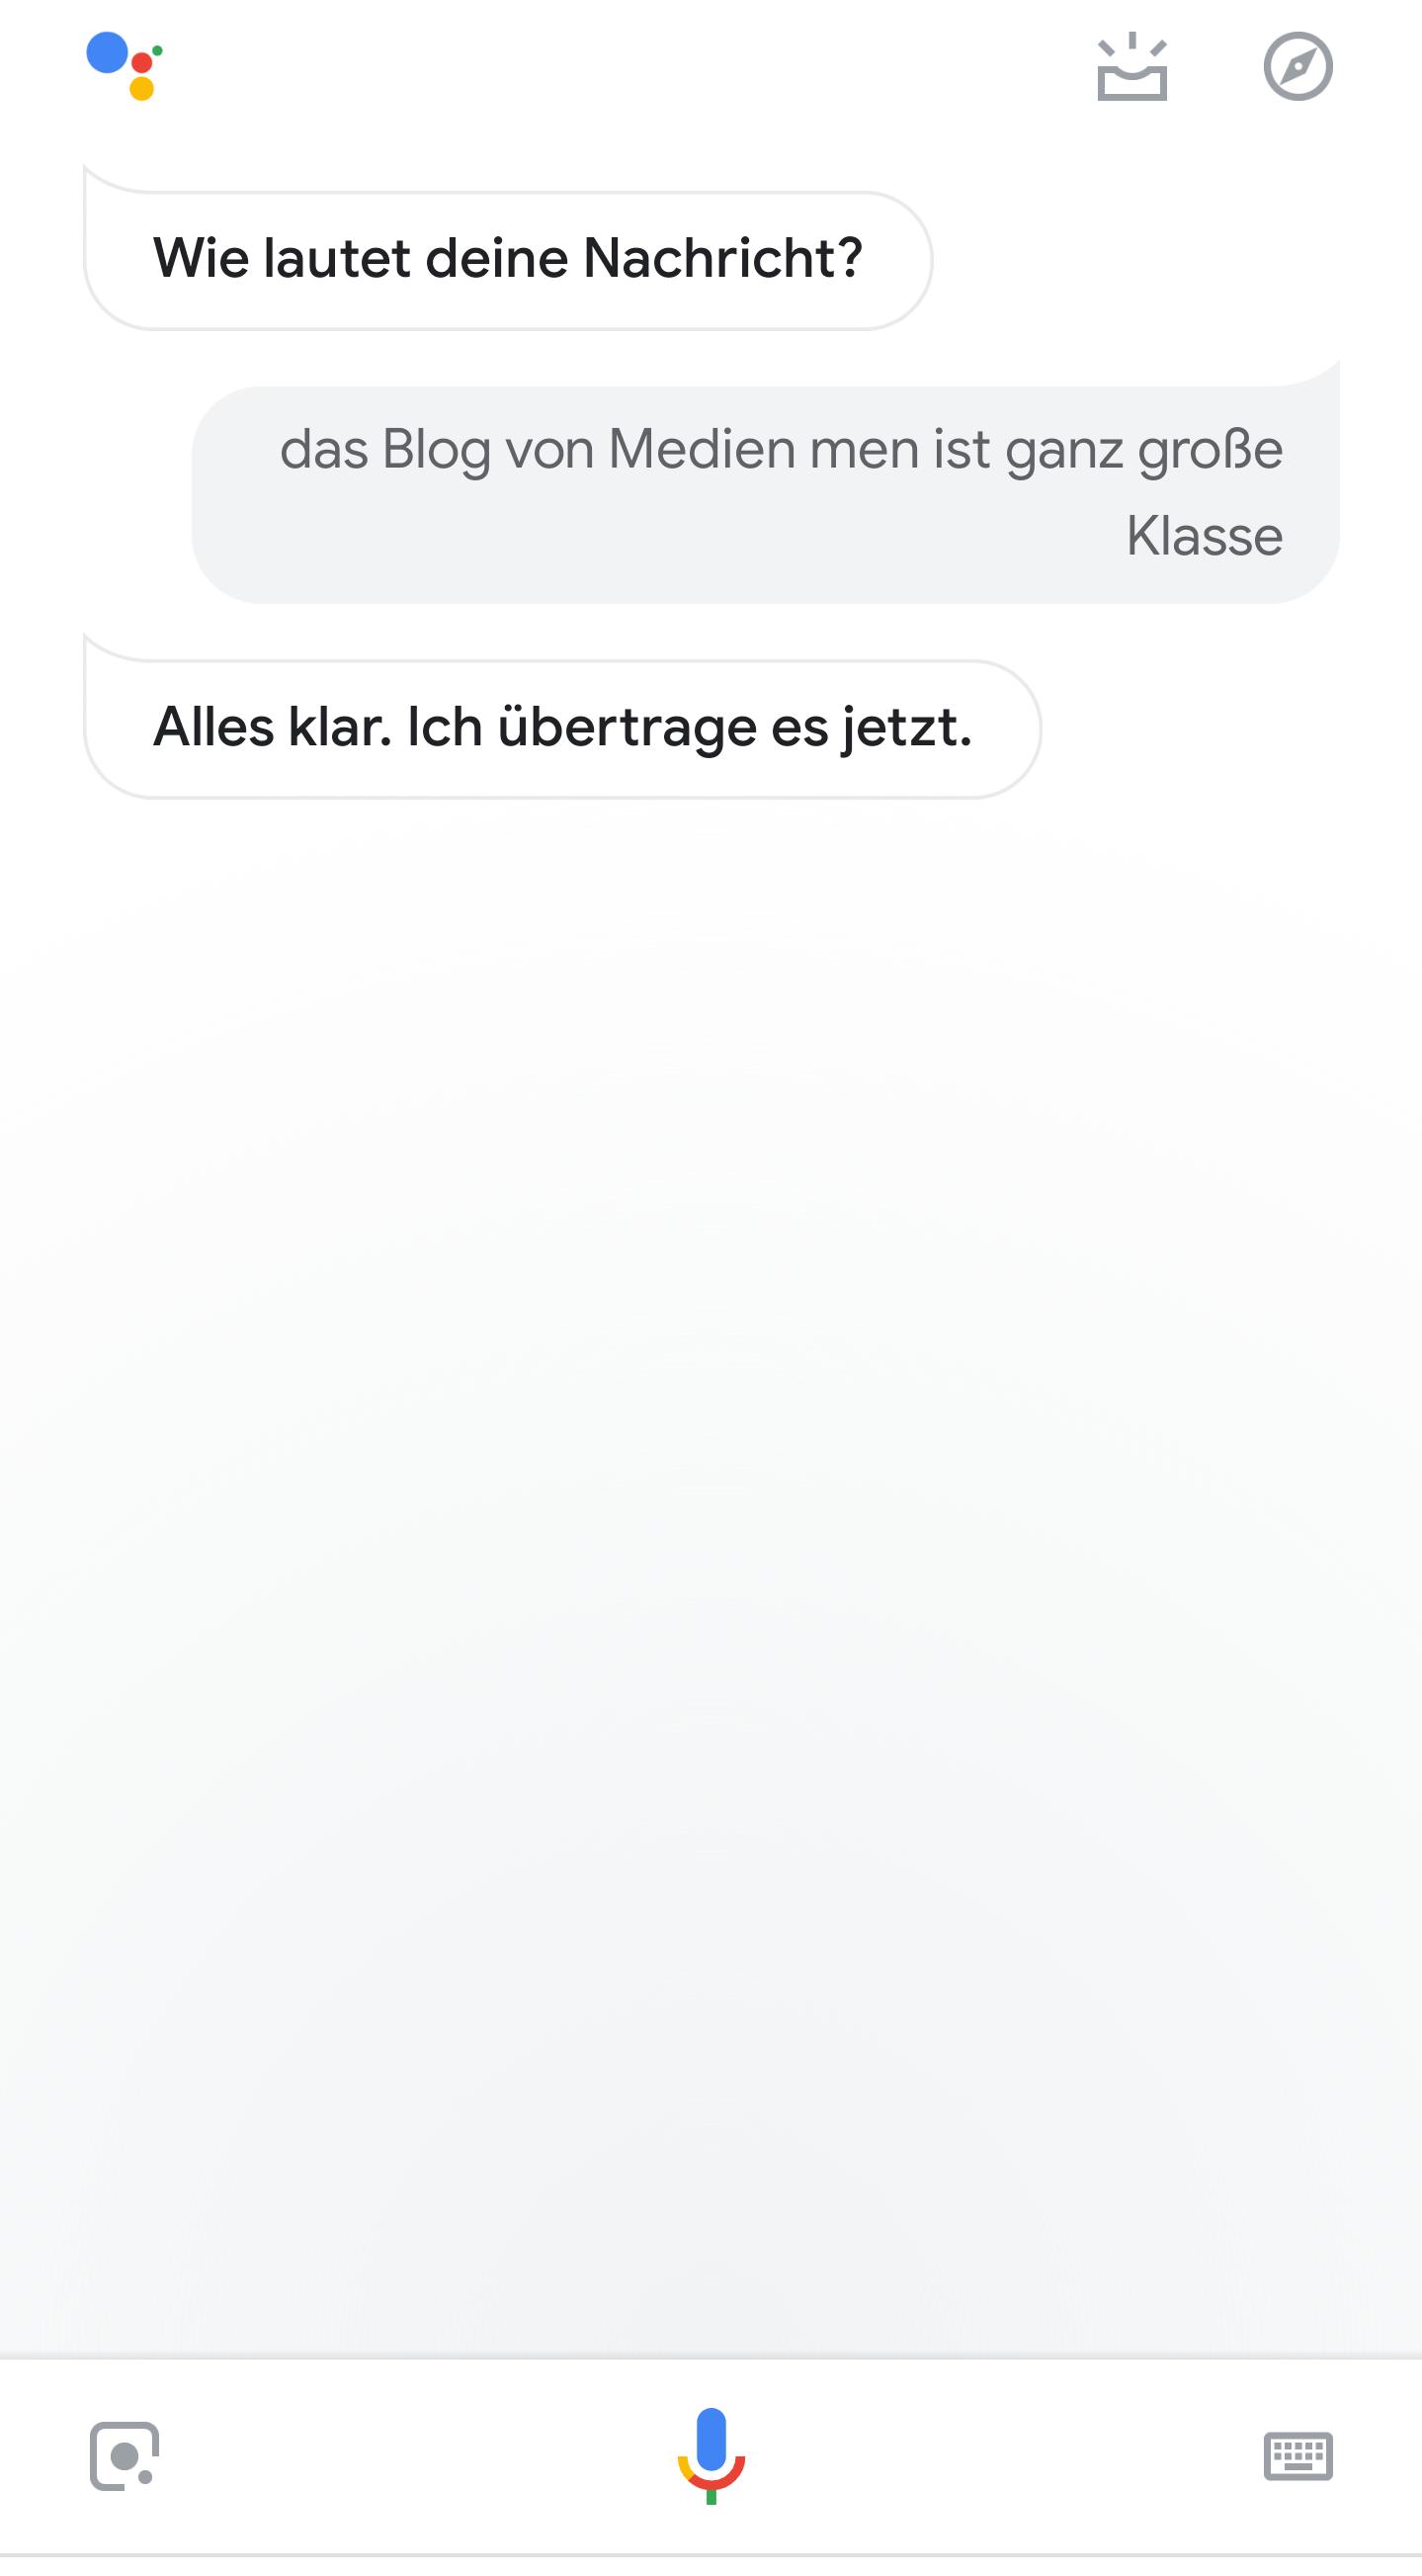 In der Google Home App kann man auch Benachrichtigungen an die Gerte senden, die dann von unterwegs auf den Google Home-Geräte zuhause gesendet werden.